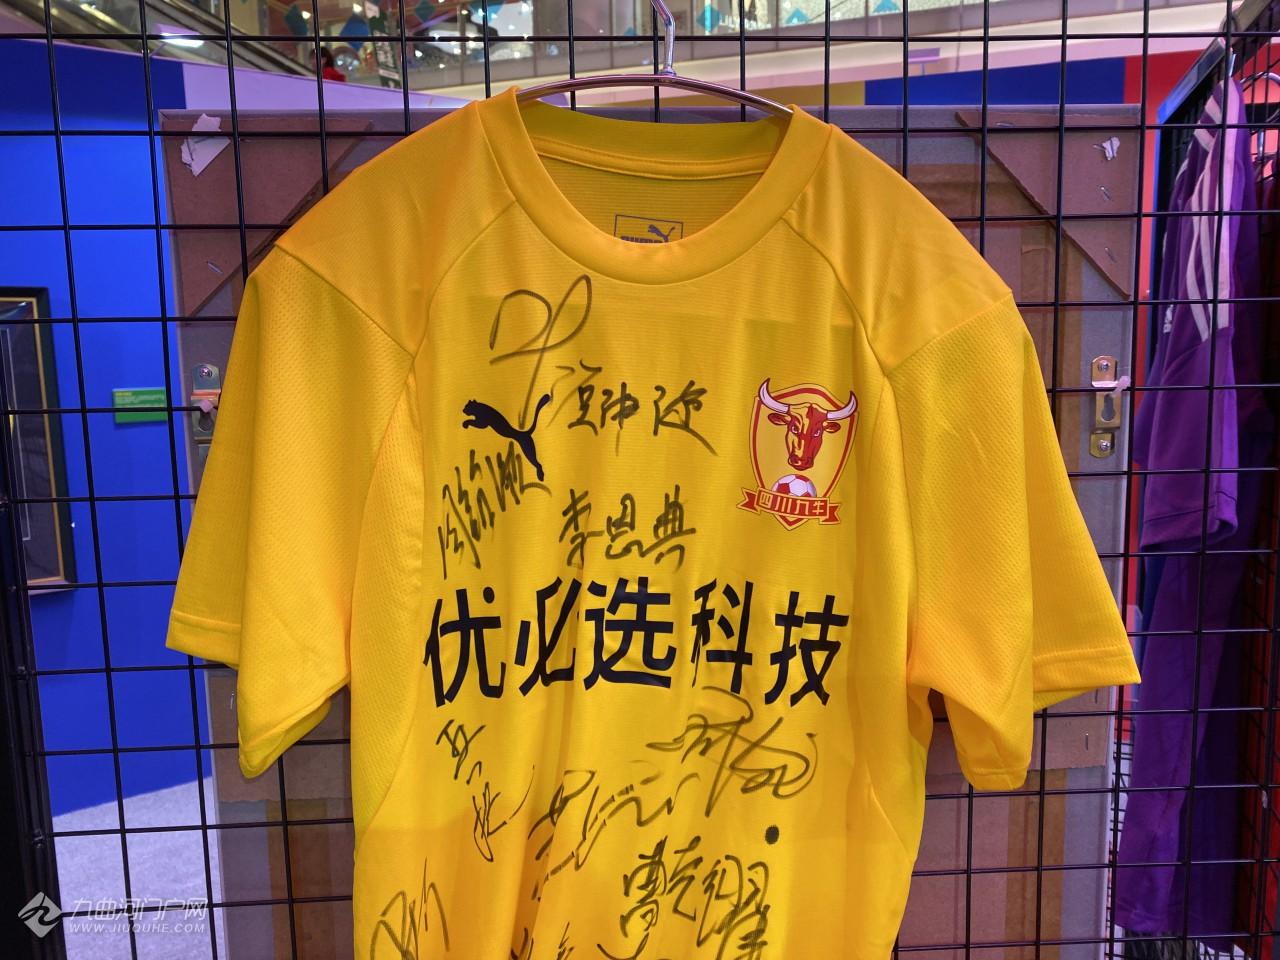 【我的十一游记】到成都观世界足球巨星签名装备藏品展,这里面集结了60余位足坛传奇巨星的珍品 ... ...